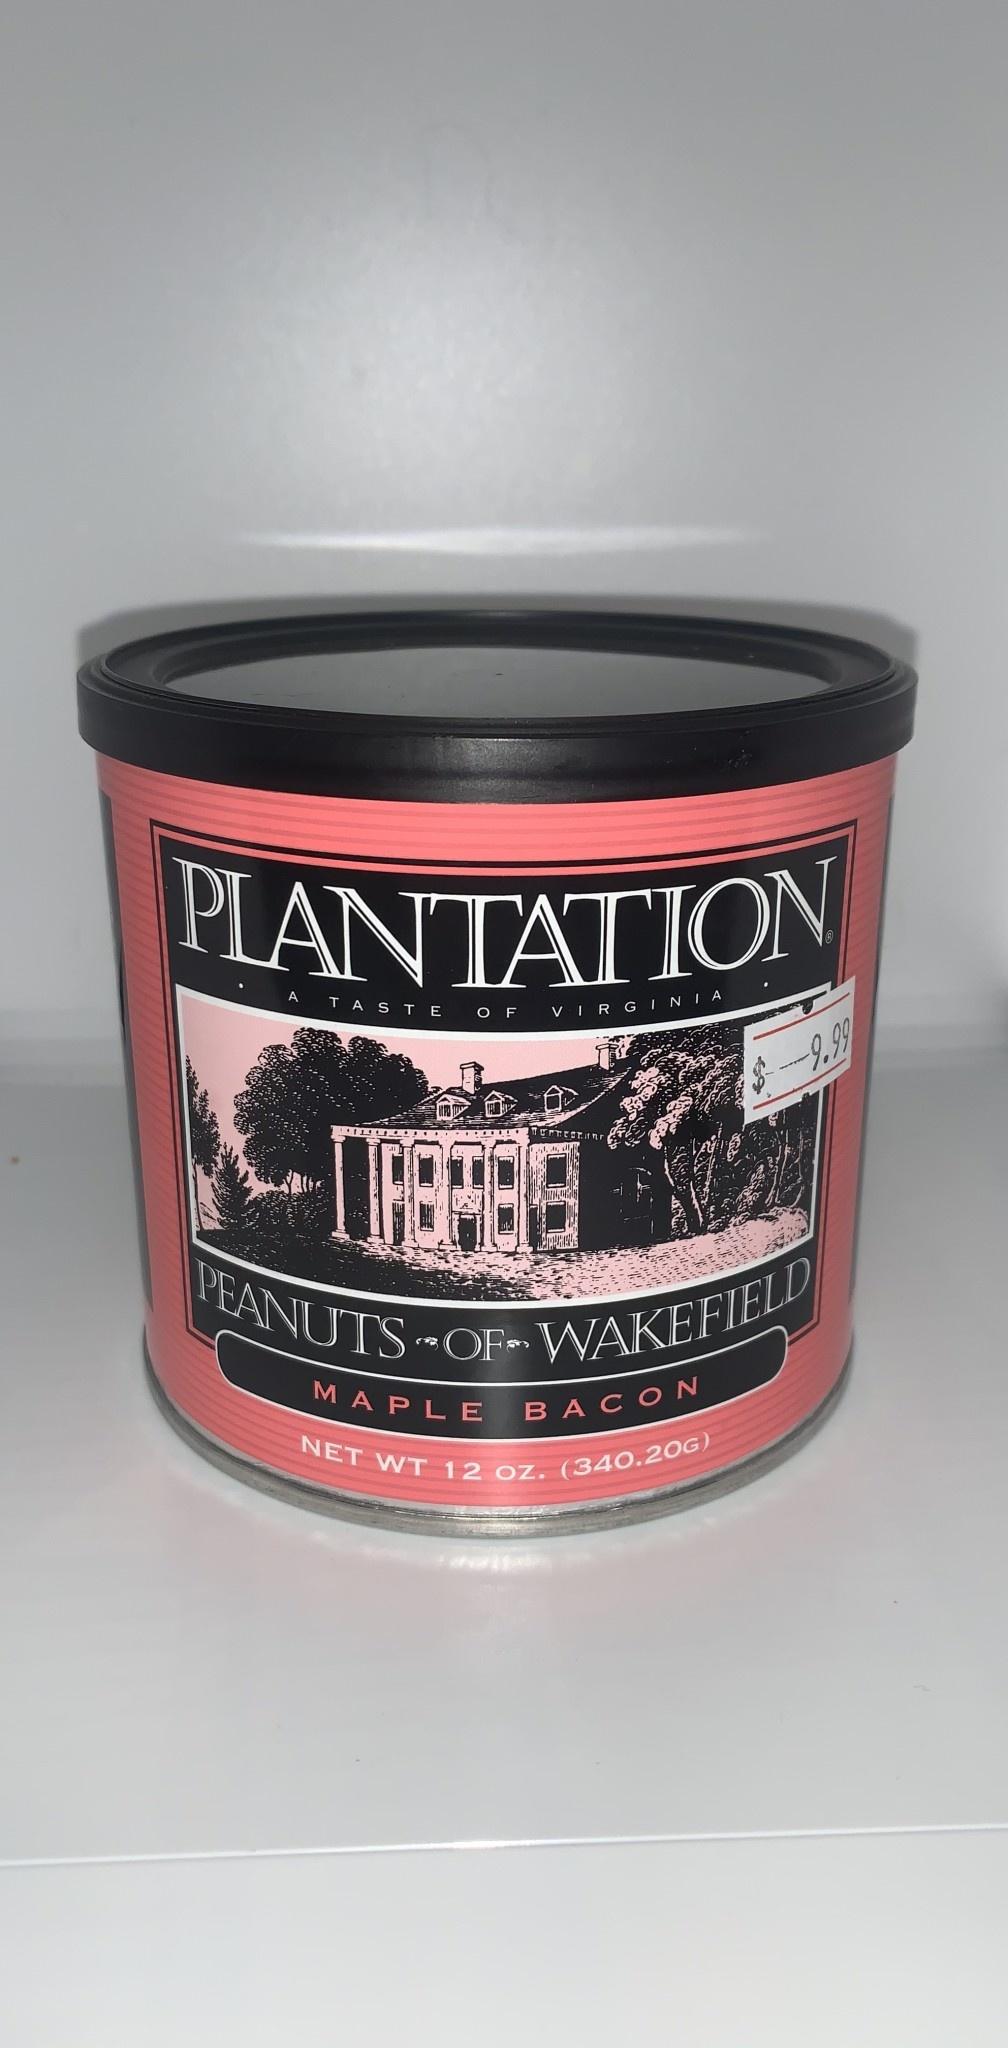 Plantation Peanuts of Wakefield Plantation Peanuts 12 oz.  Maple Bacon